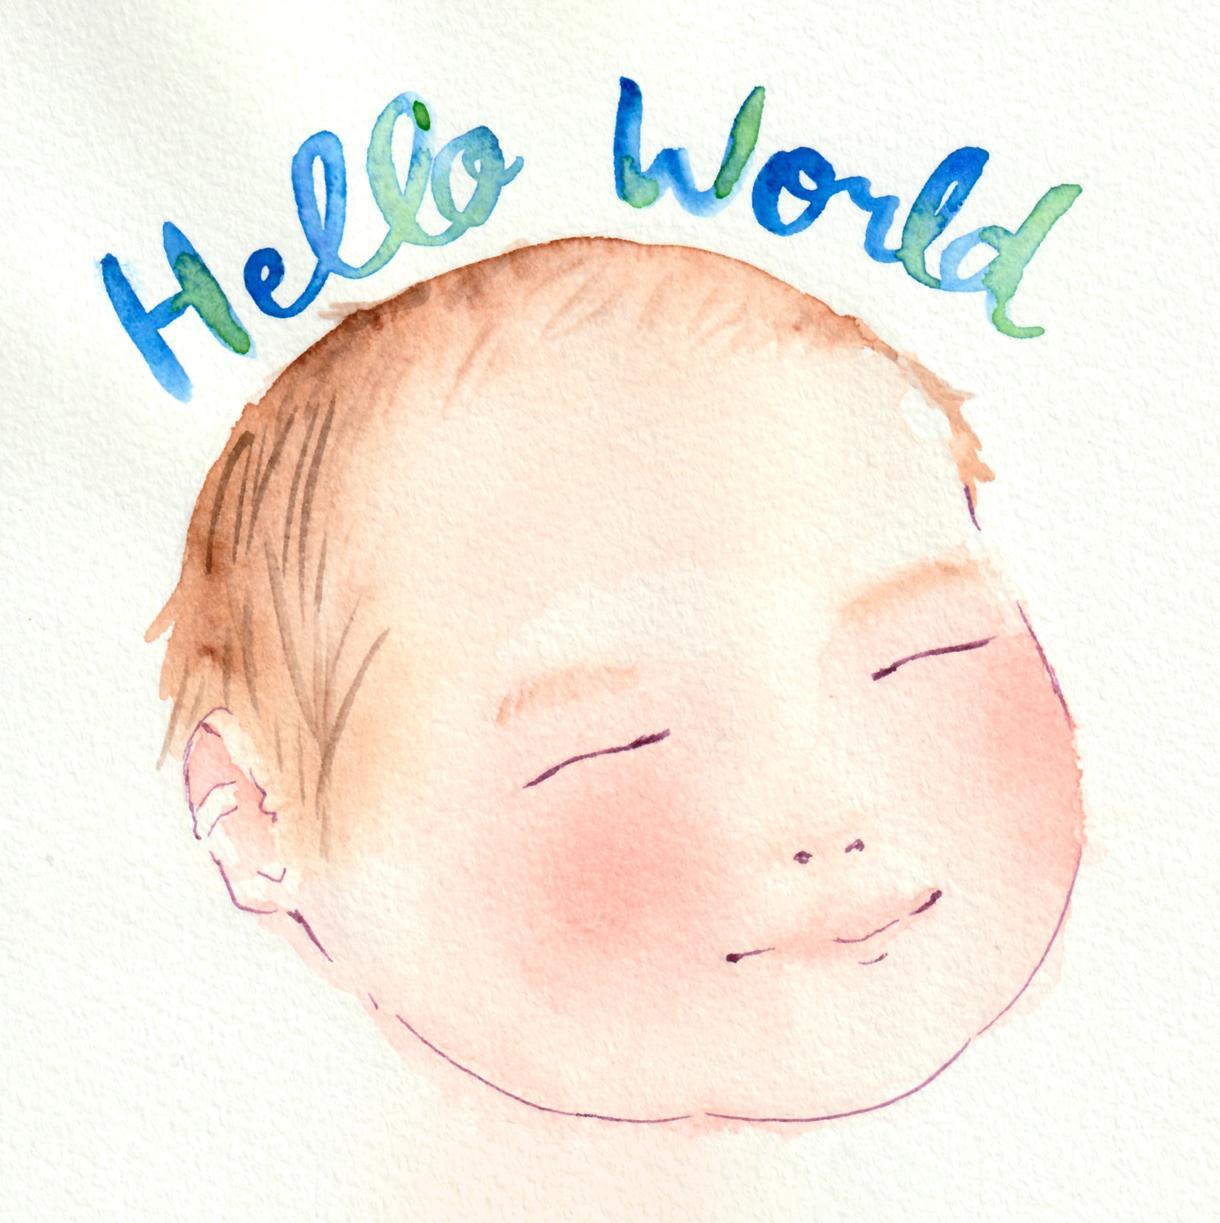 出産祝いに!誕生日祝いに!似顔絵描きます 柔らかい水彩画は老若男女のプレゼントに最適! イメージ1